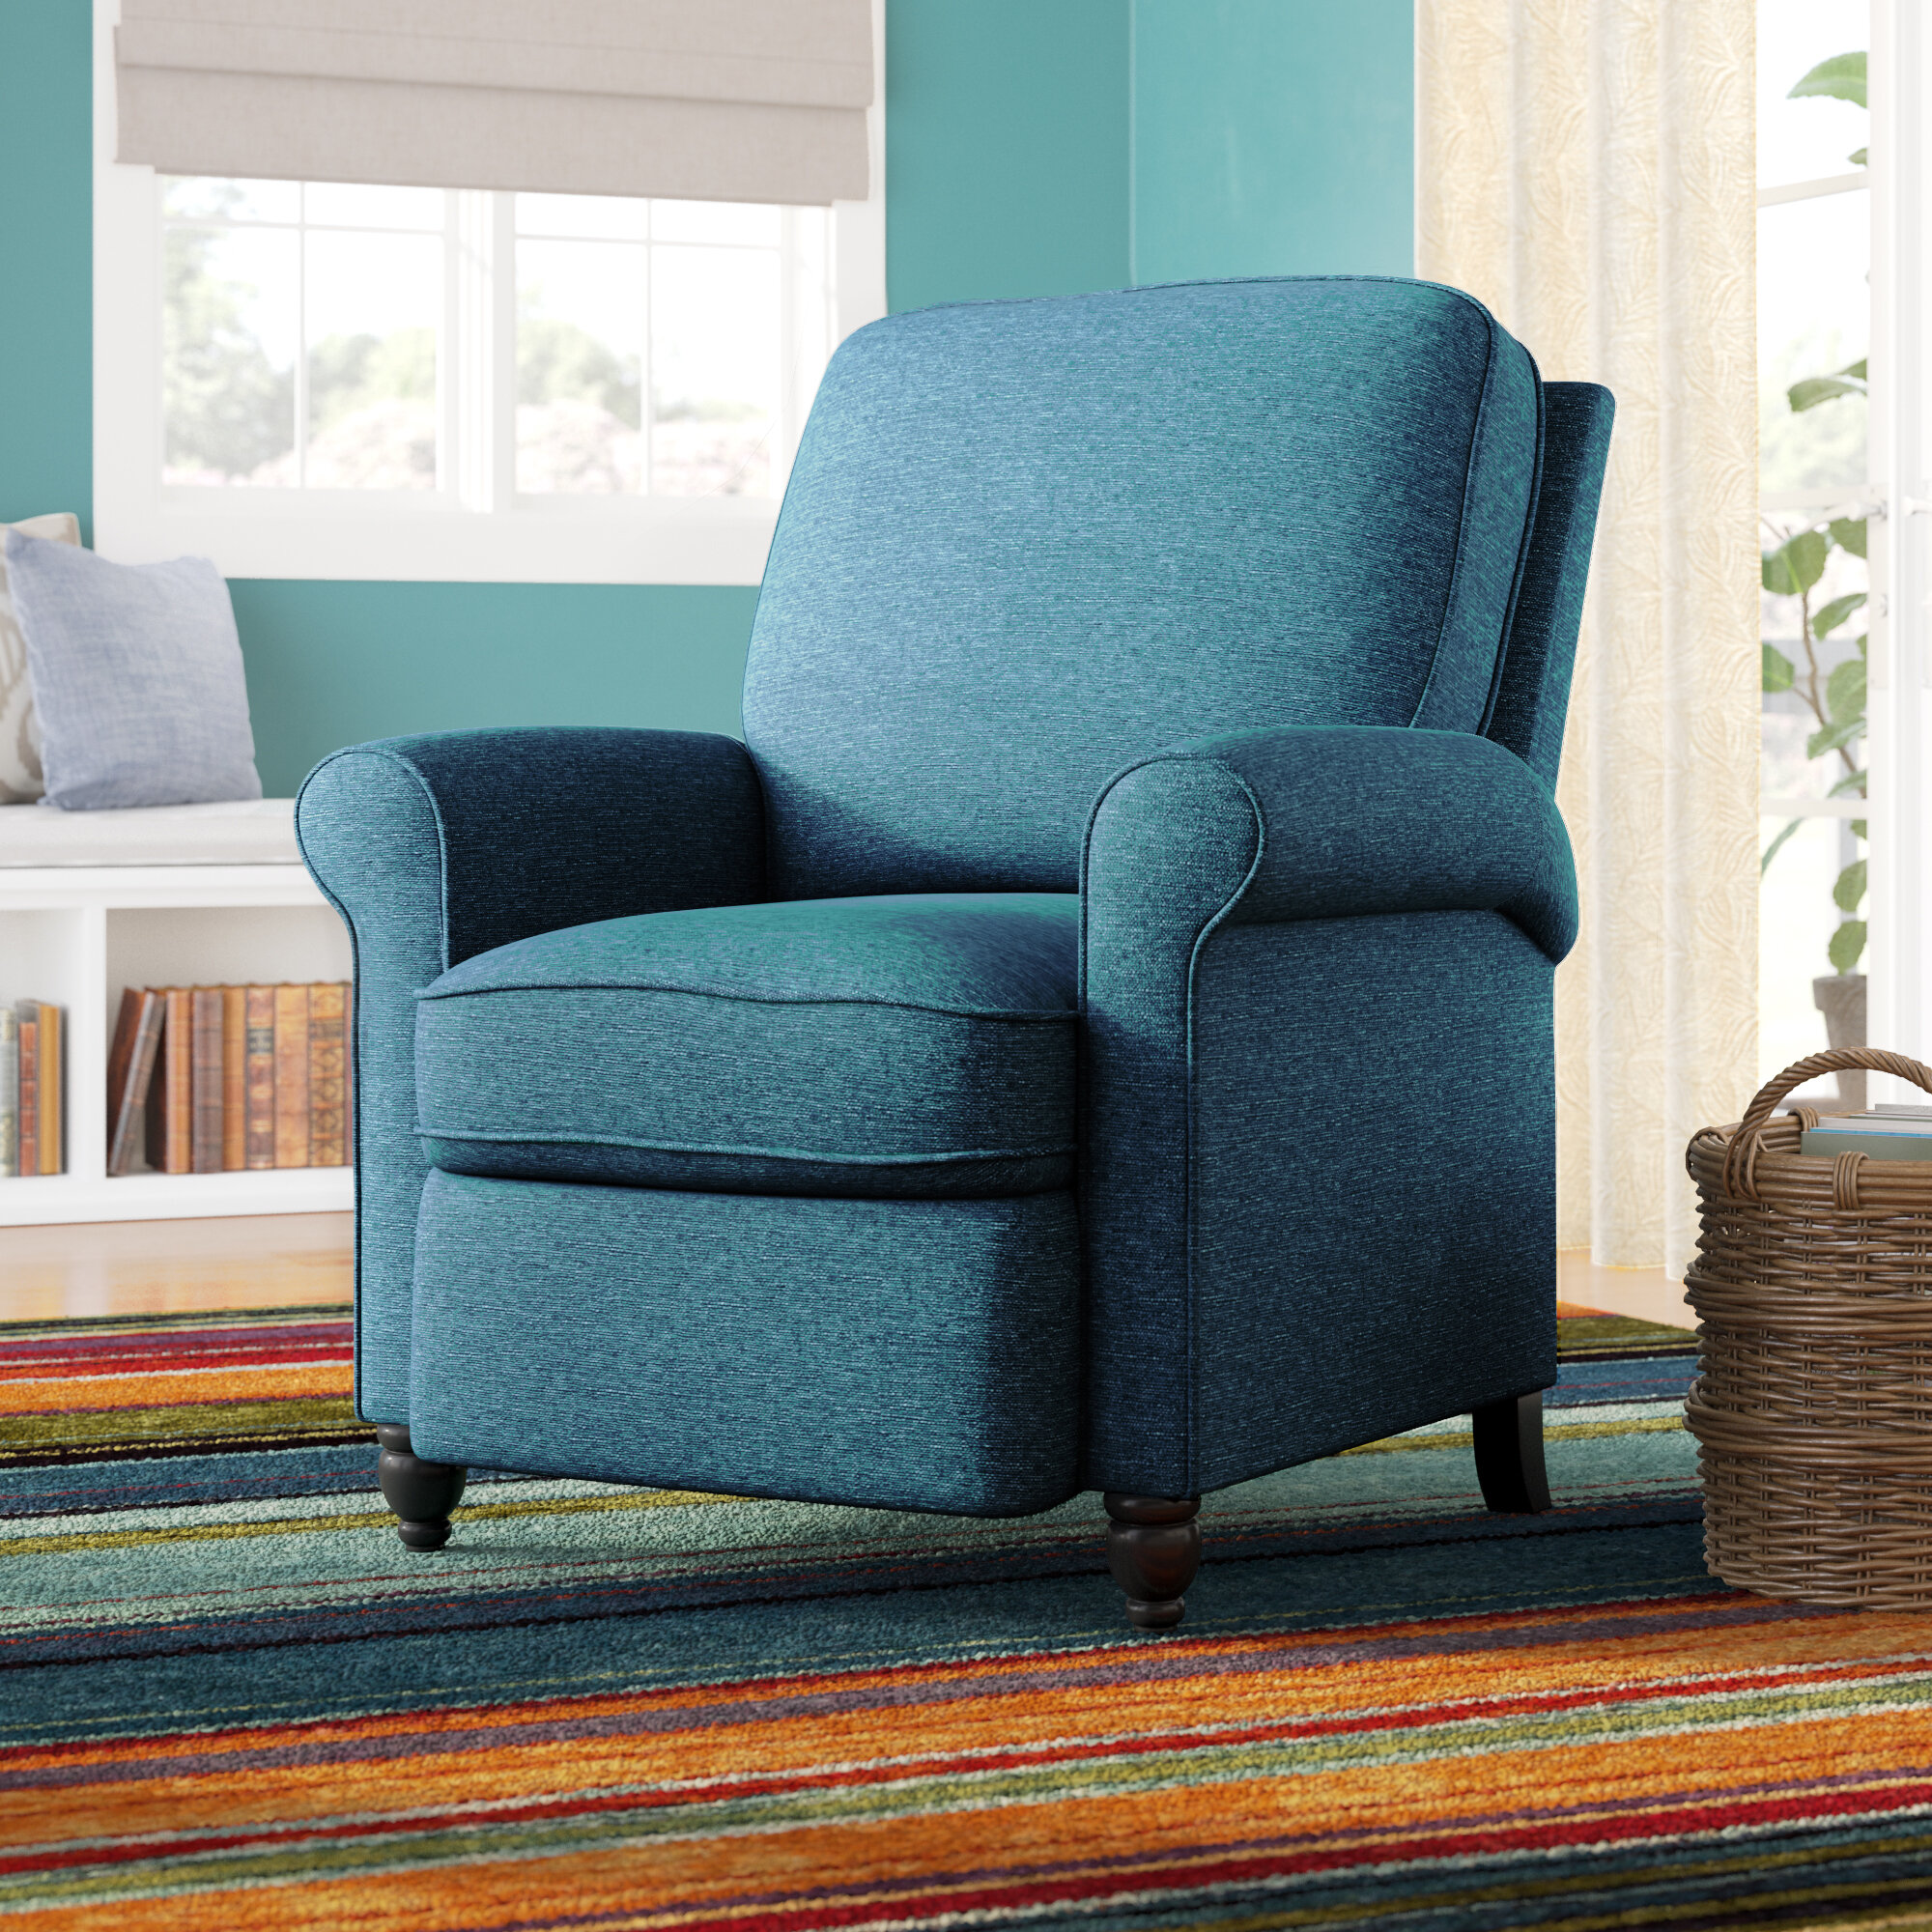 Andover mills leni manual recliner reviews wayfair